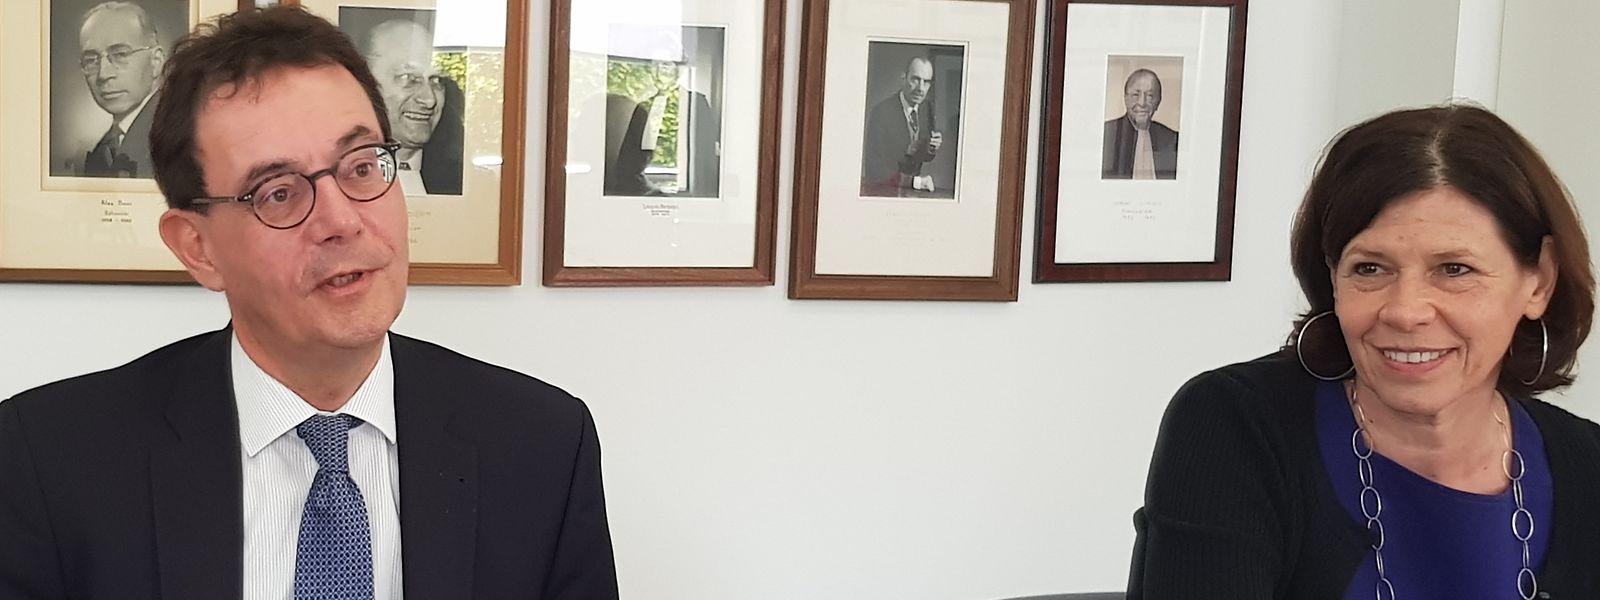 Bâtonnier François Kremer betont, dass das Anwaltsgeheimnis von existenzieller Bedeutung für den Berufsstand ist.